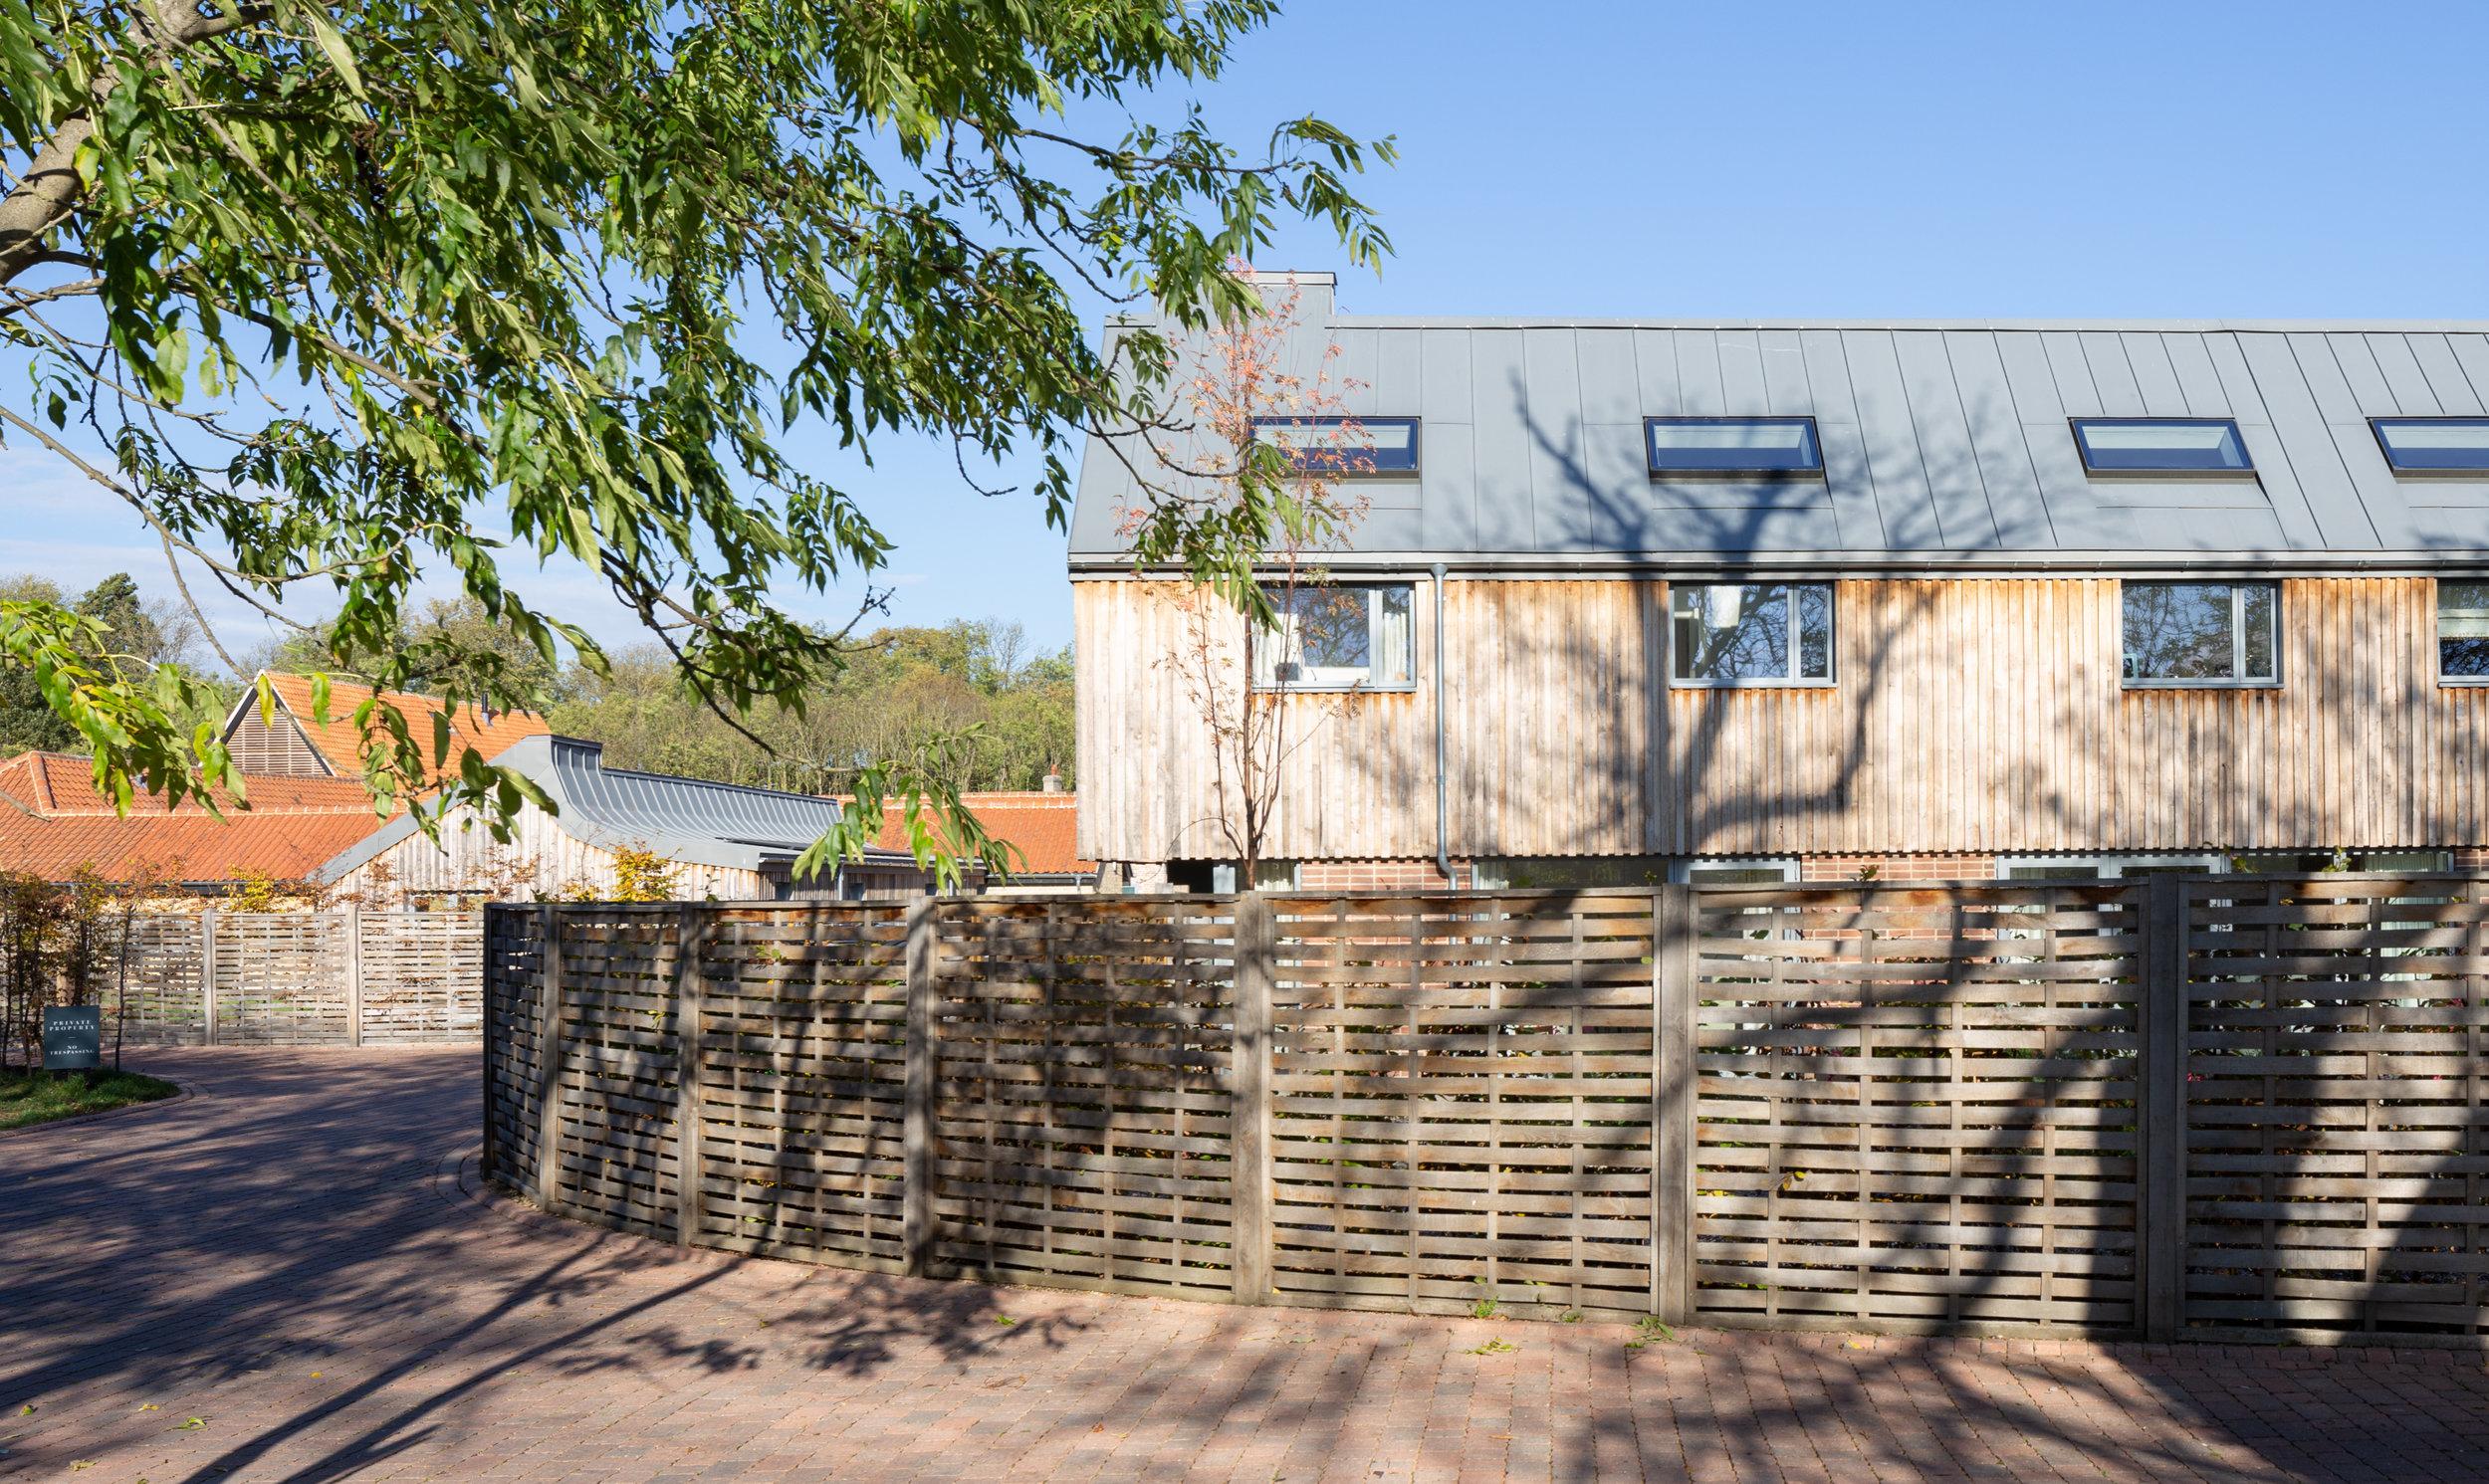 CGA_Anstey Hall Barns_IMG_5339.jpg